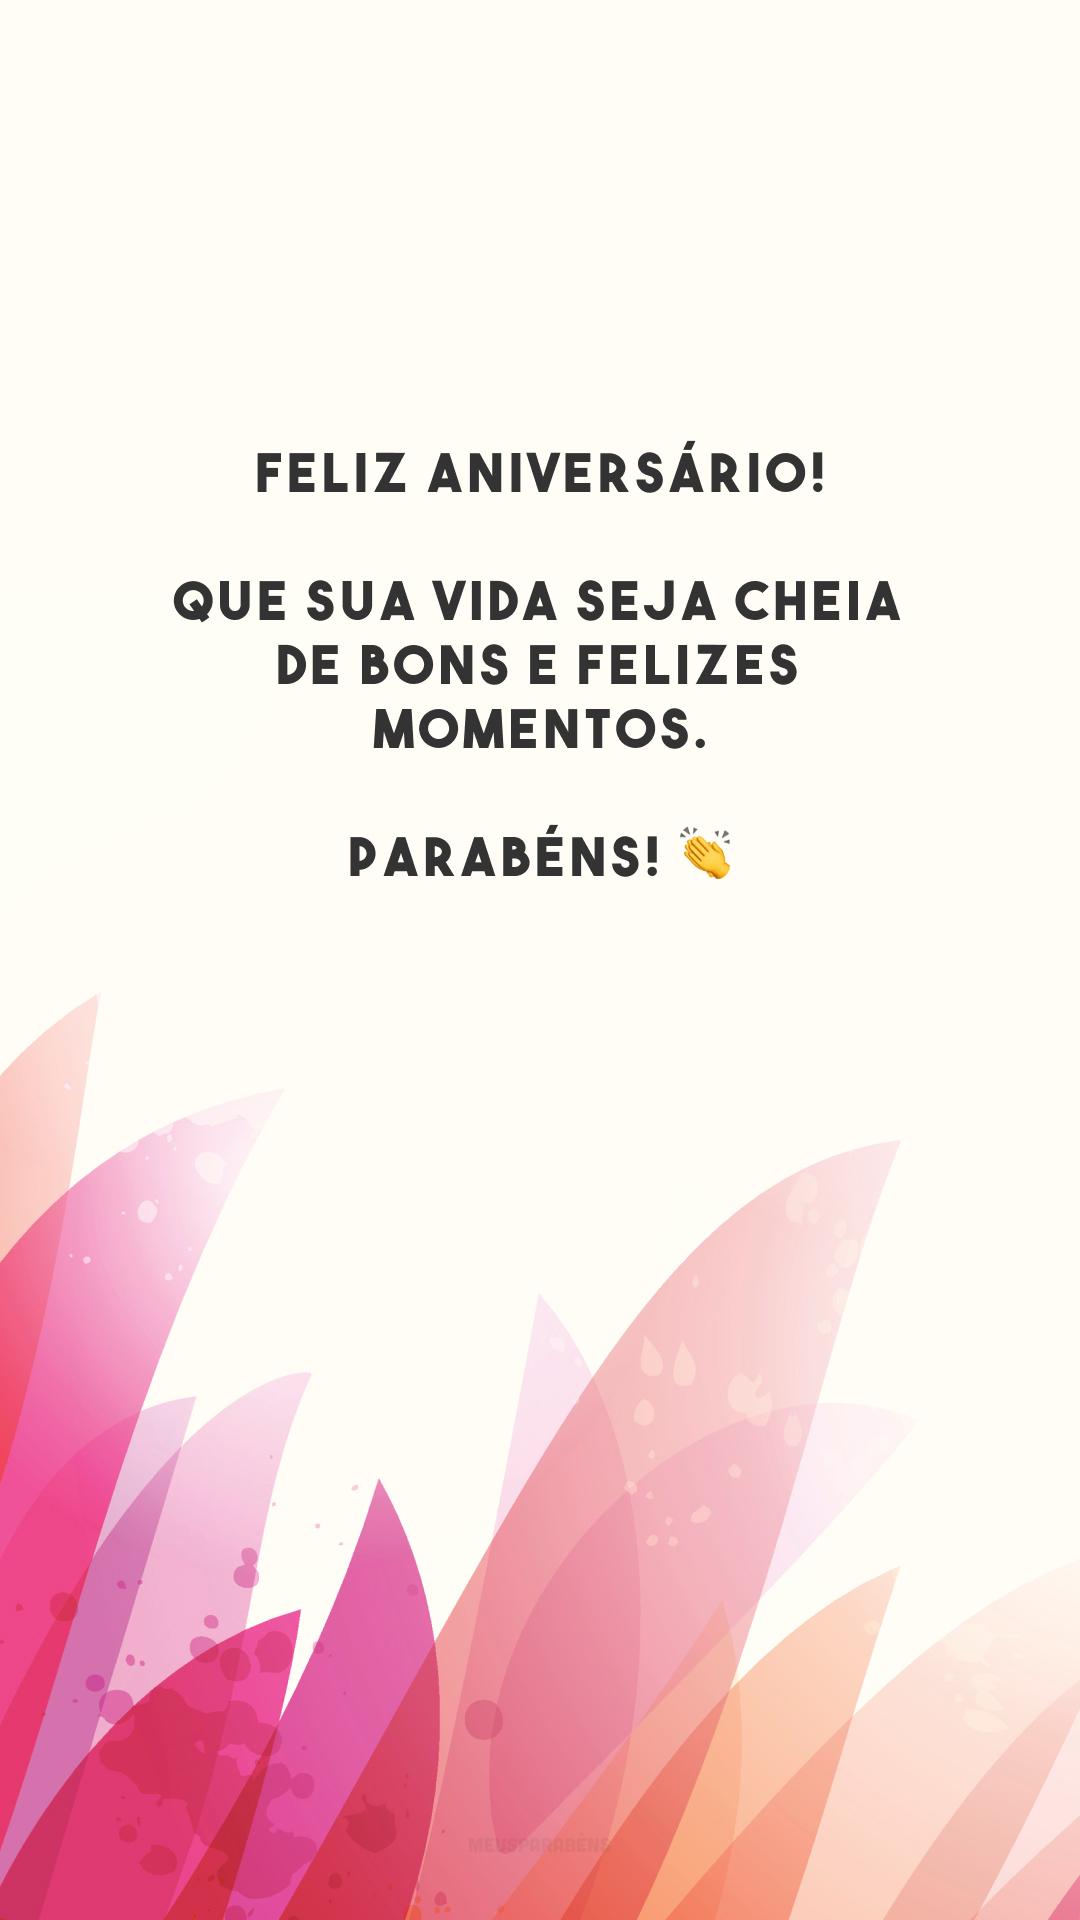 Feliz aniversário! Que sua vida seja cheia de bons e felizes momentos. Parabéns! 👏